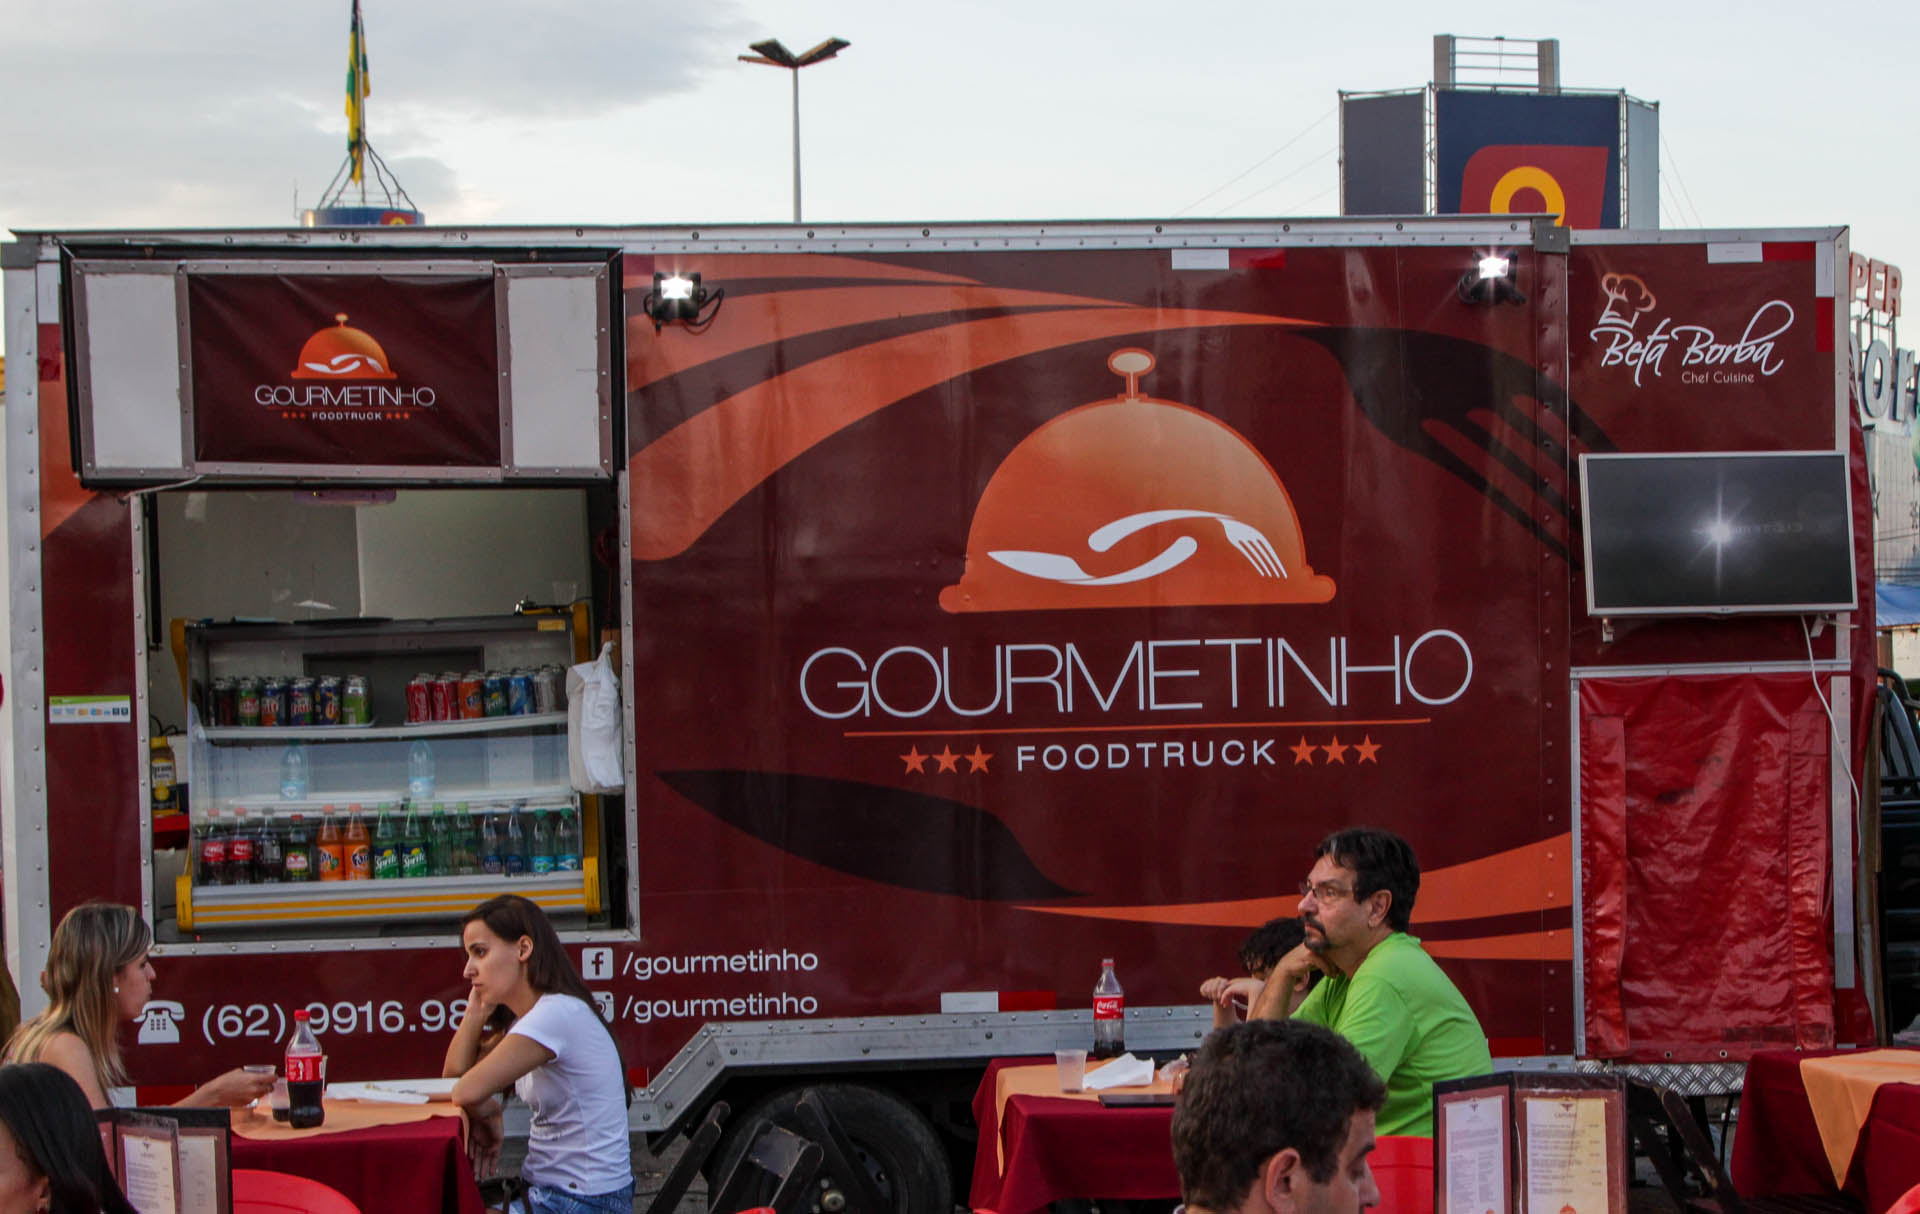 Gourmetinho